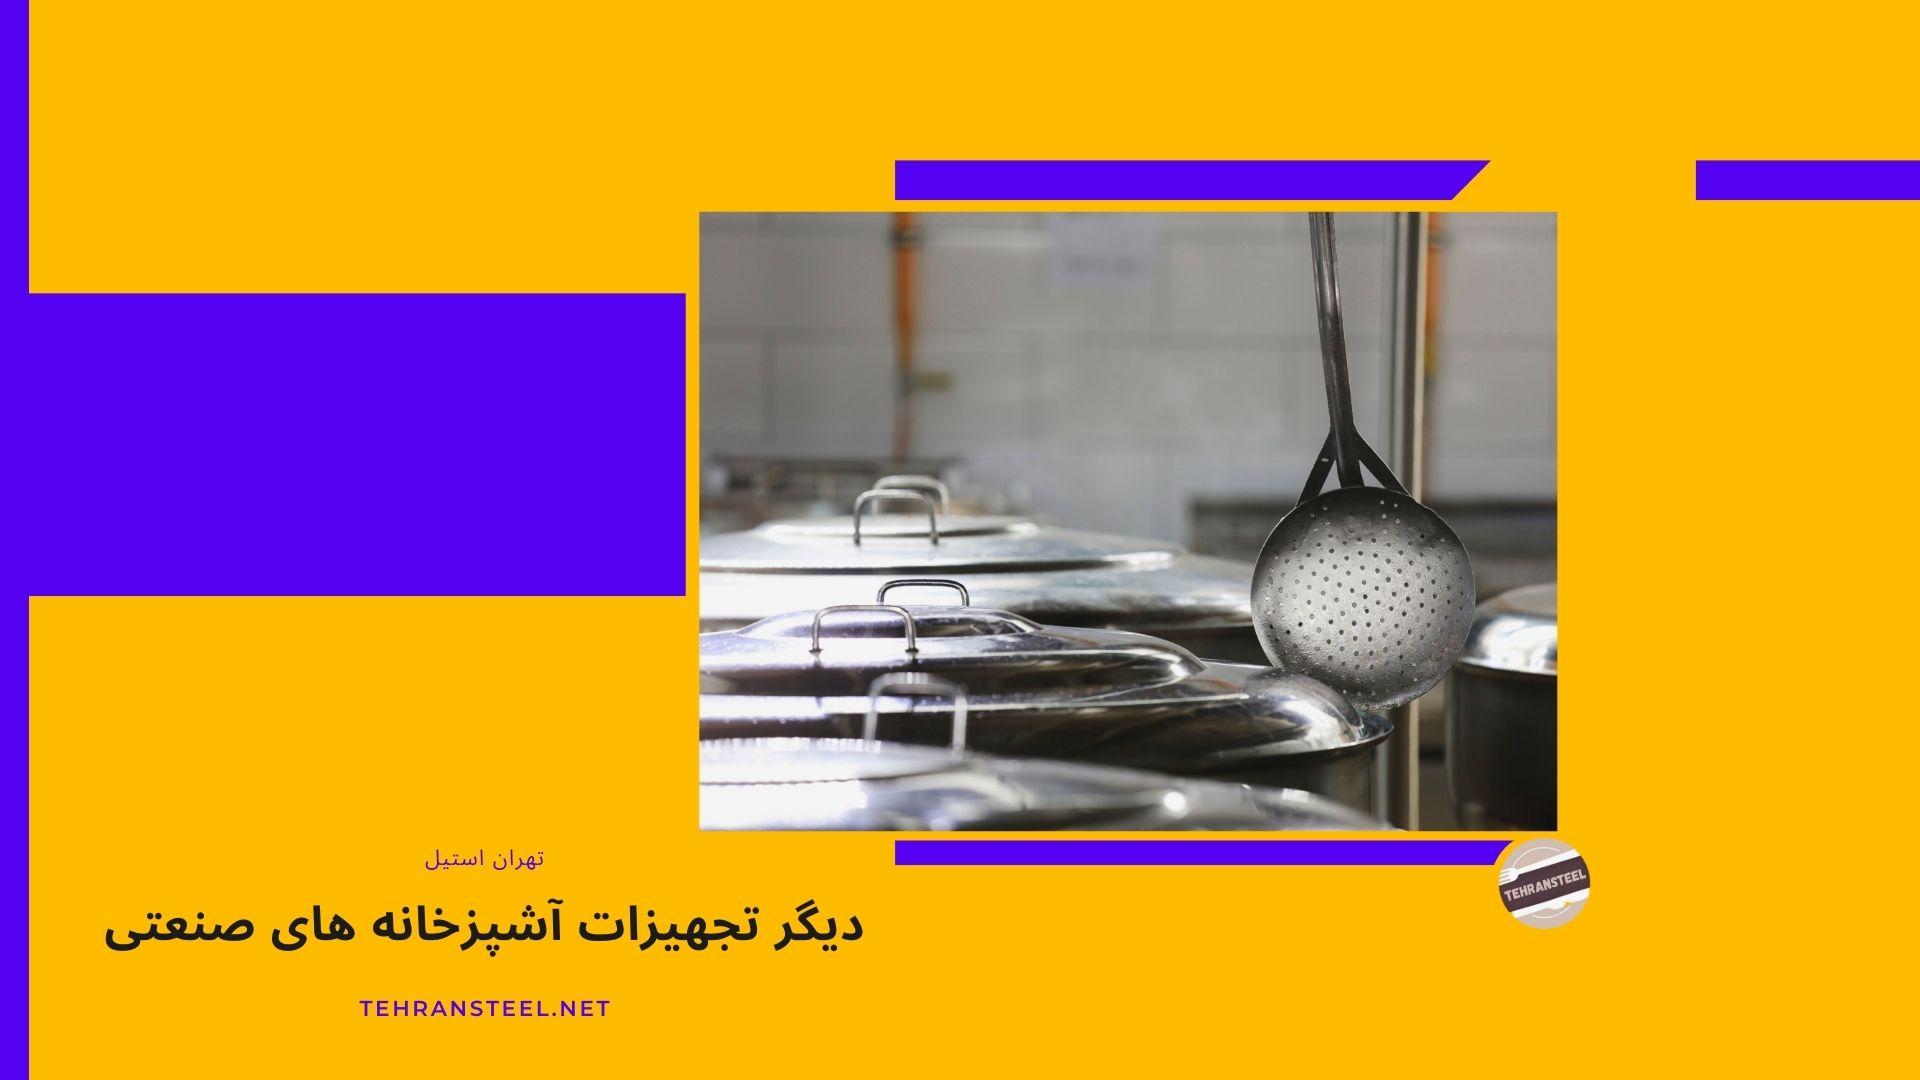 دیگر تجهیزات آشپزخانه های صنعتی: